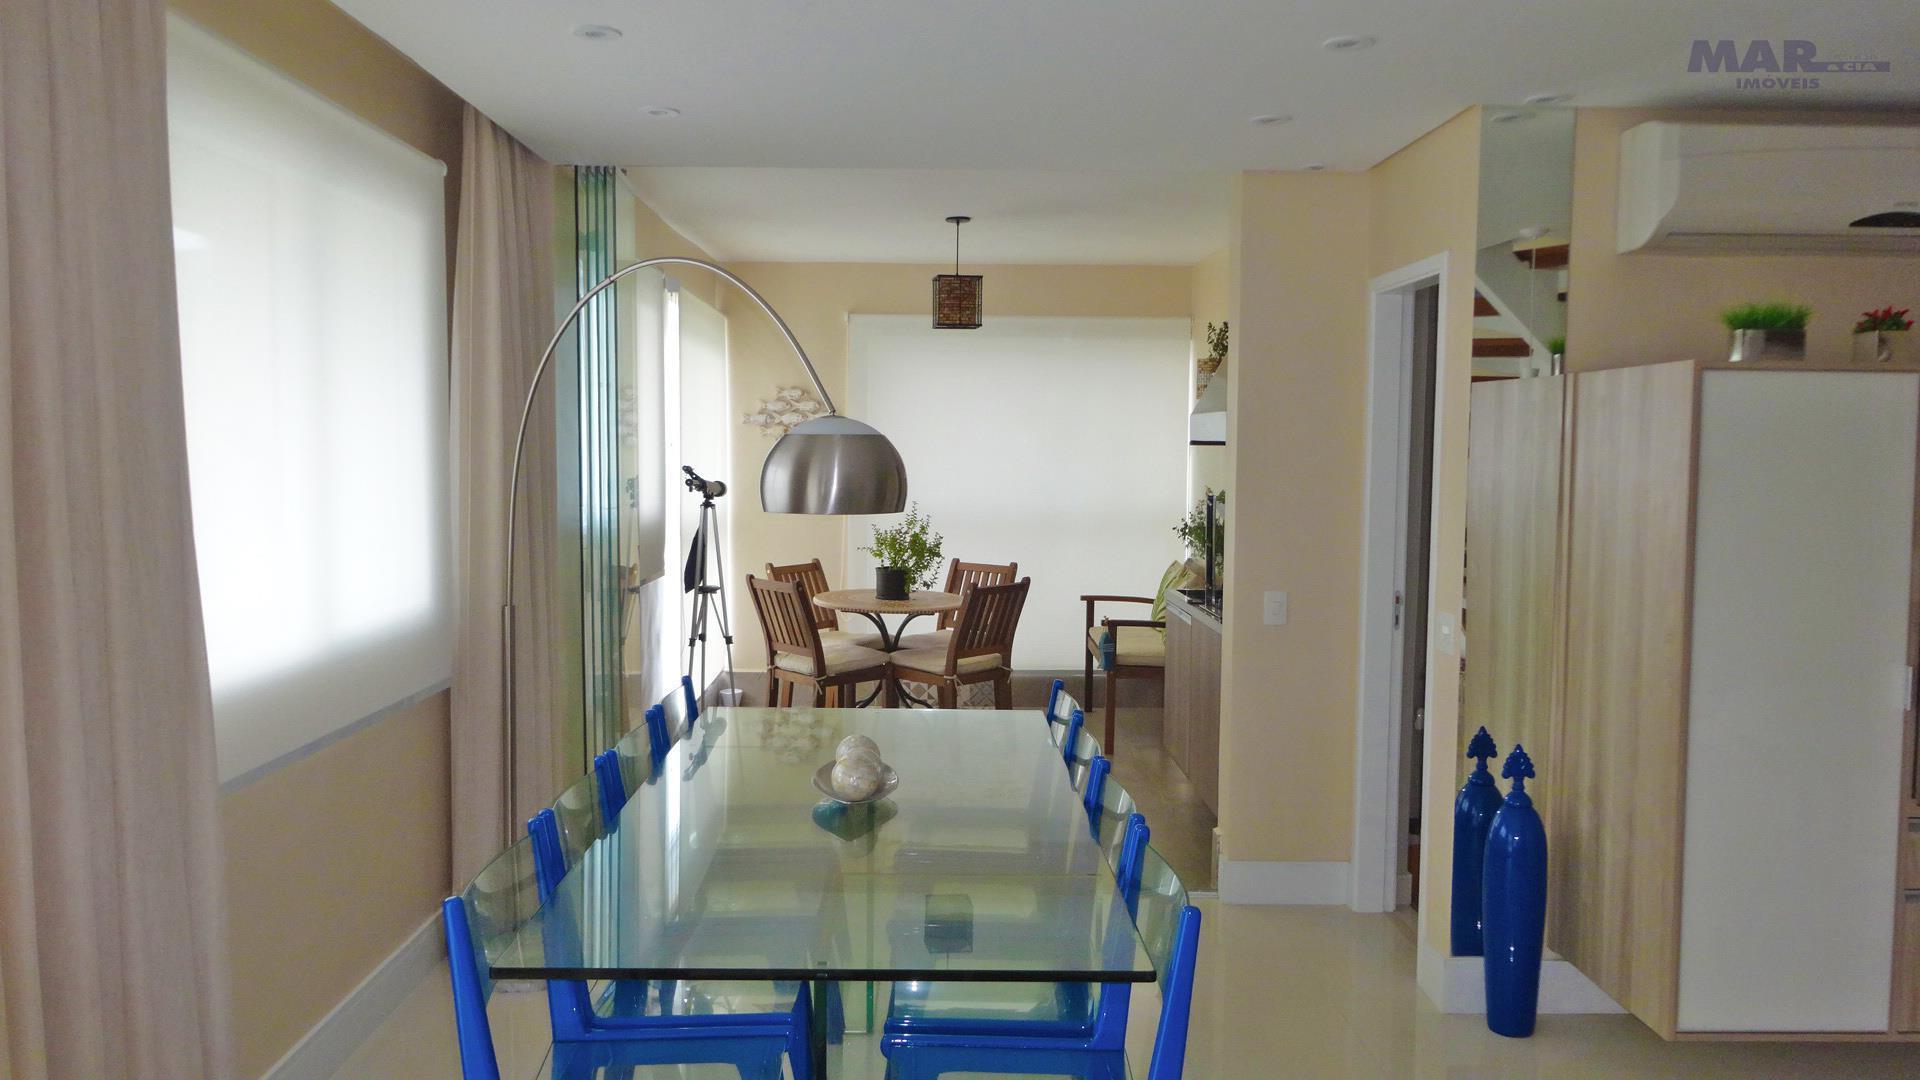 Guarujá Astúrias - Frente Total p/ o Mar - Apartamento Duplex - Finamente Decorado !!!